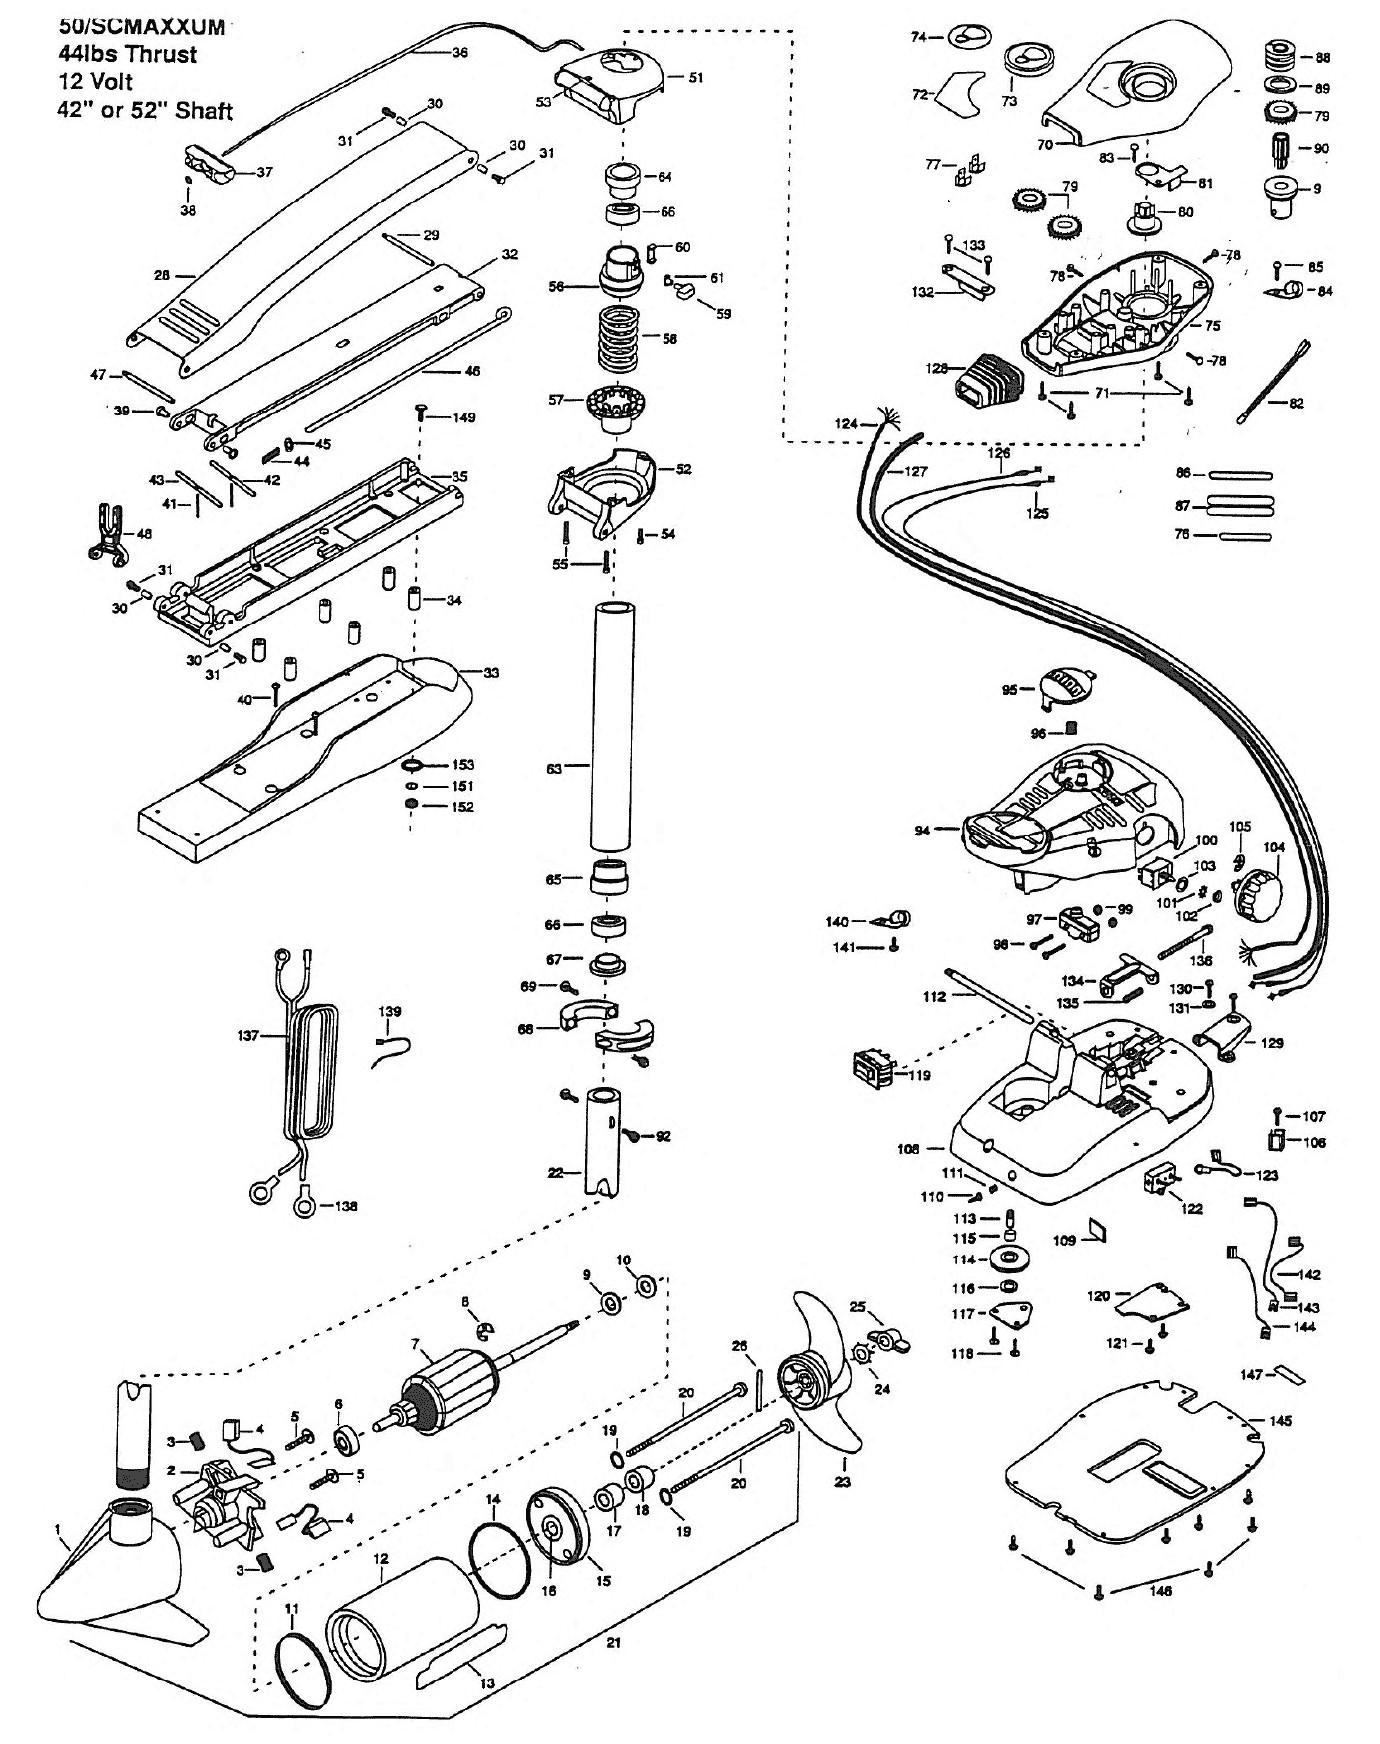 Minn Kota Talon Wiring Diagram